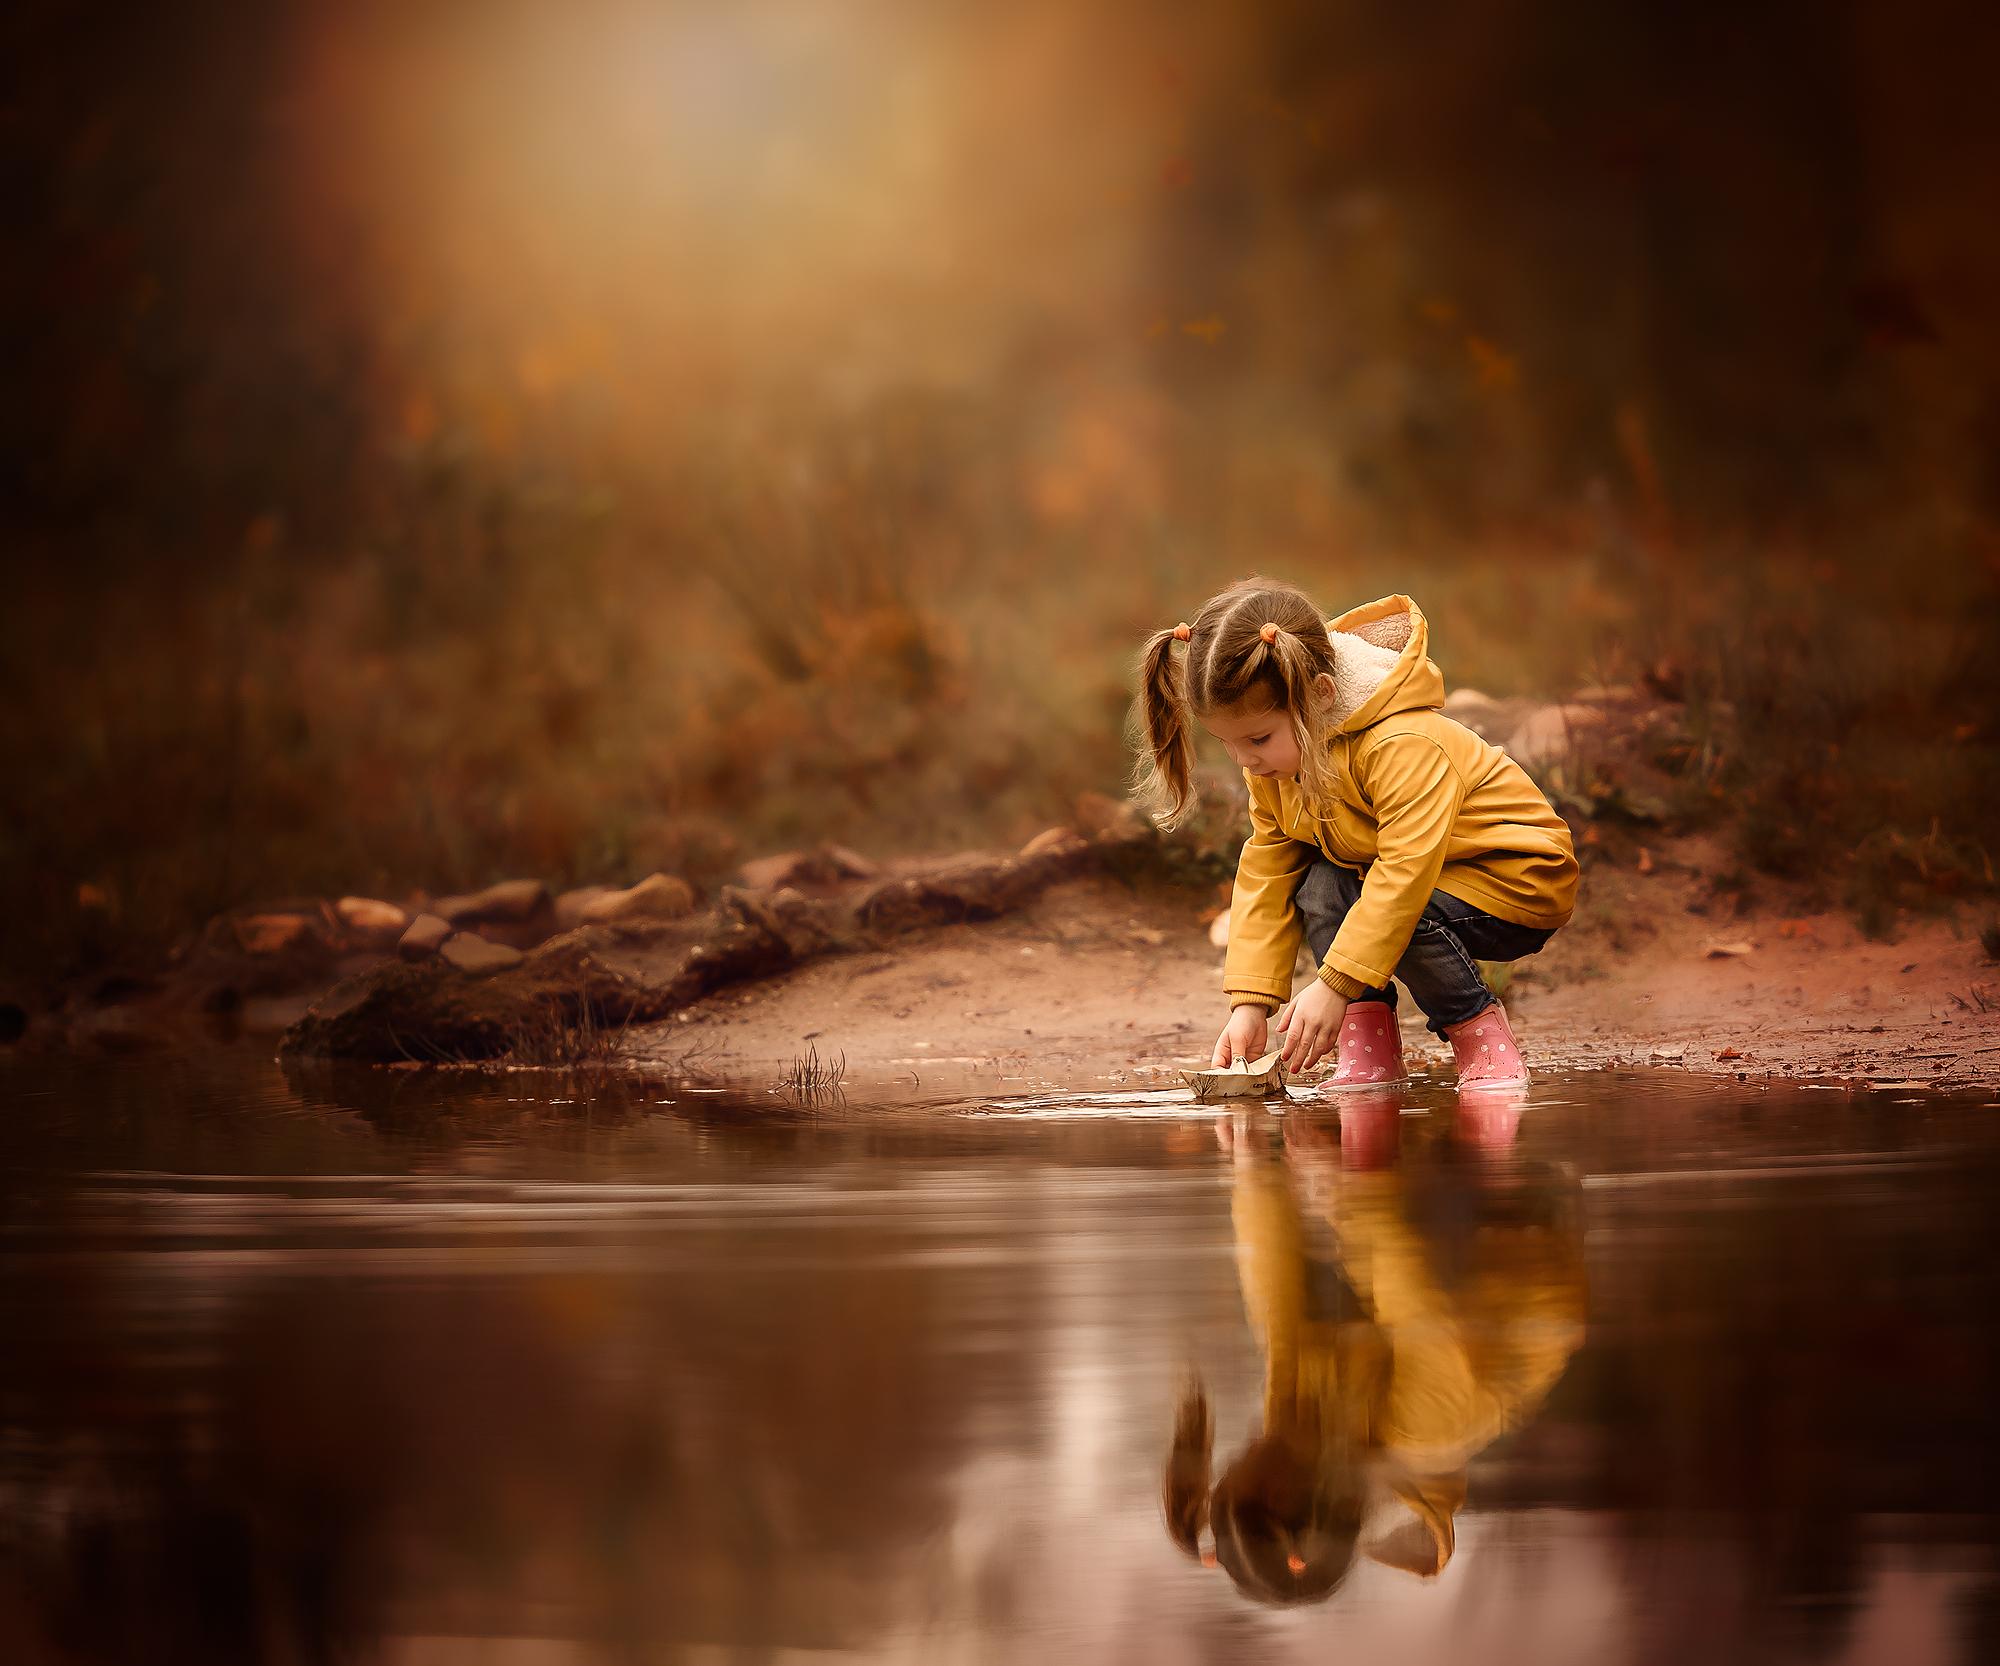 Canon EOS R6 portret van een meisje met een papieren bootje bij het water met een gele regenjas van de Hema aan